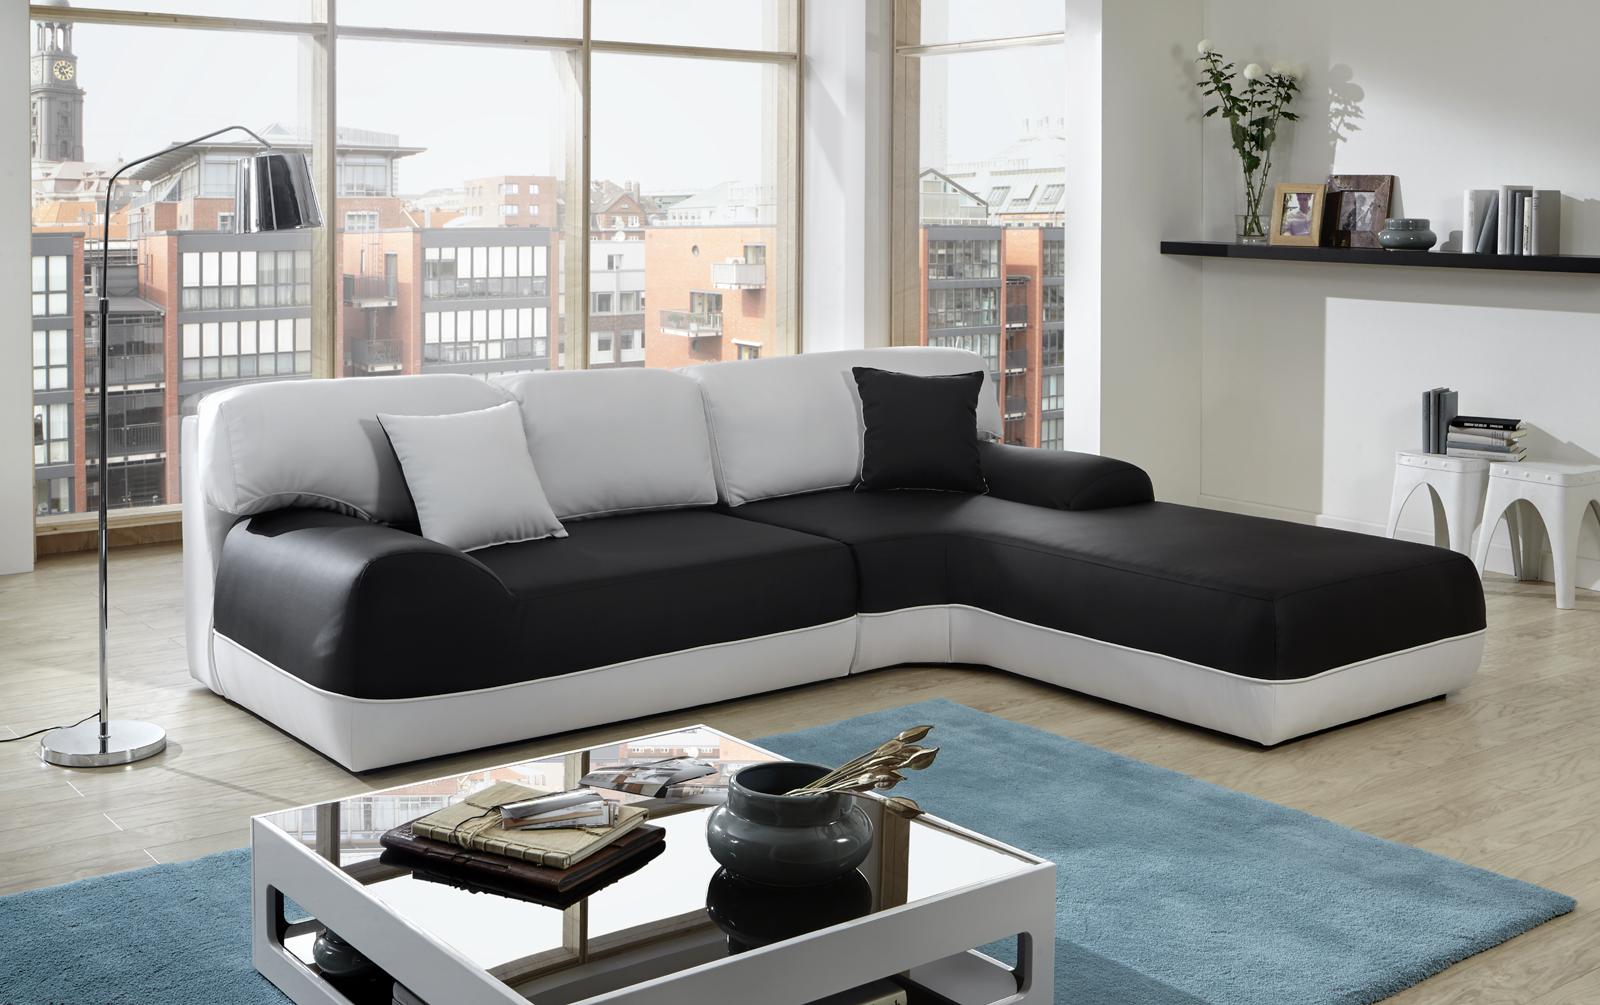 sam® design ecksofa couch schwarz weiß impulso 260 x 220 cm, Hause deko